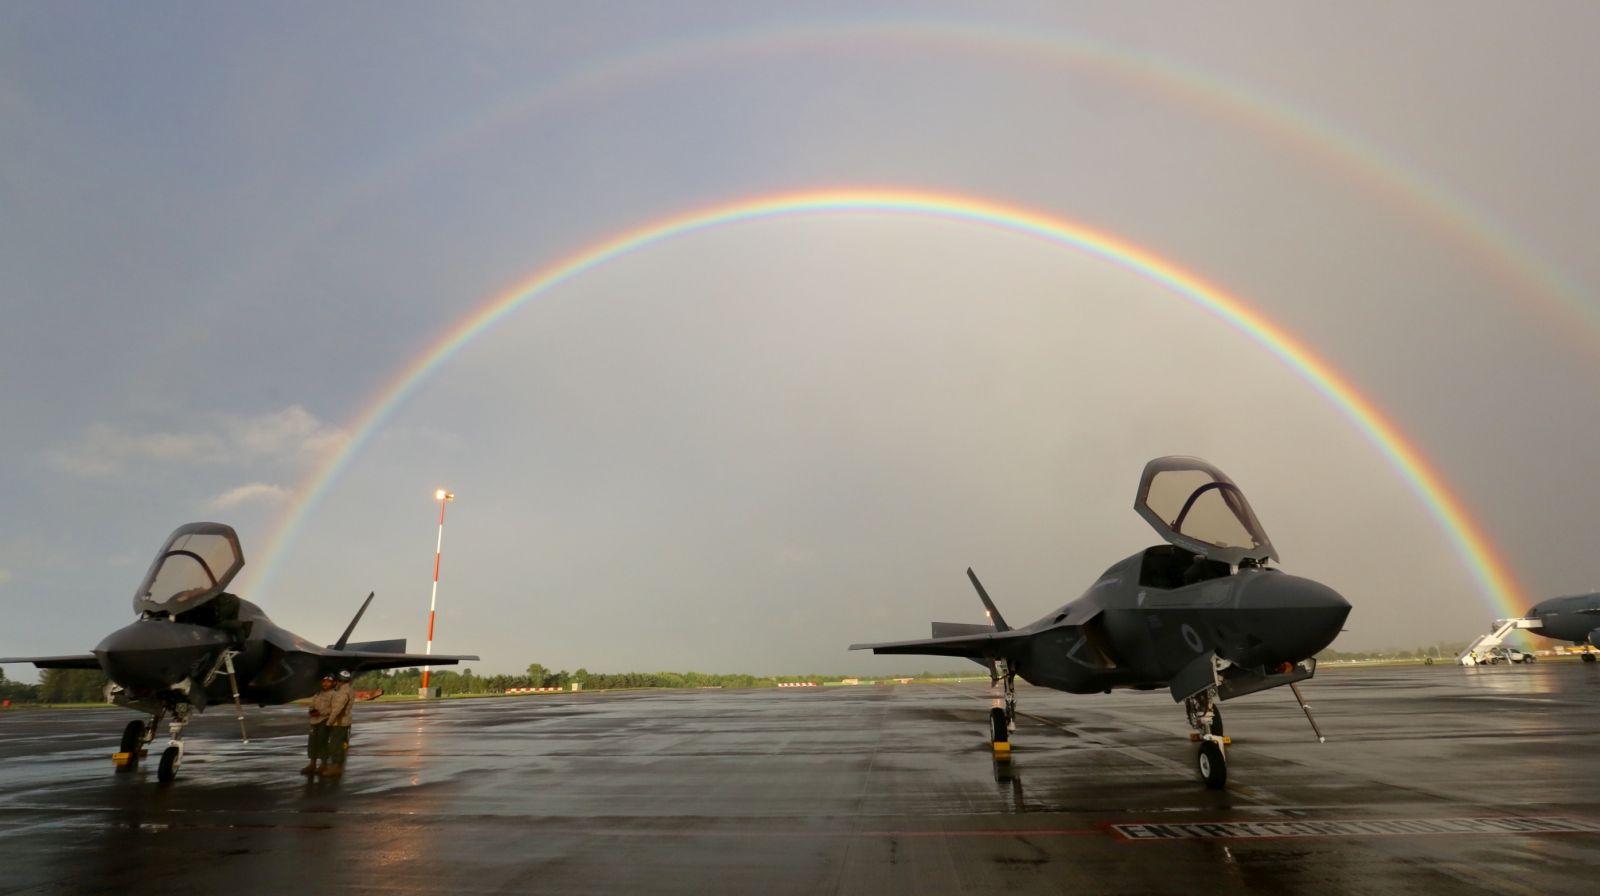 """Pogoda była typowo angielska, ale dzięki temu myśliwce powitała w Fairford, jak mawiał klasyk, """"double rainbow all the way across the sky"""". (fot. Sergeant Ross Tilly, MOD News Licence)"""